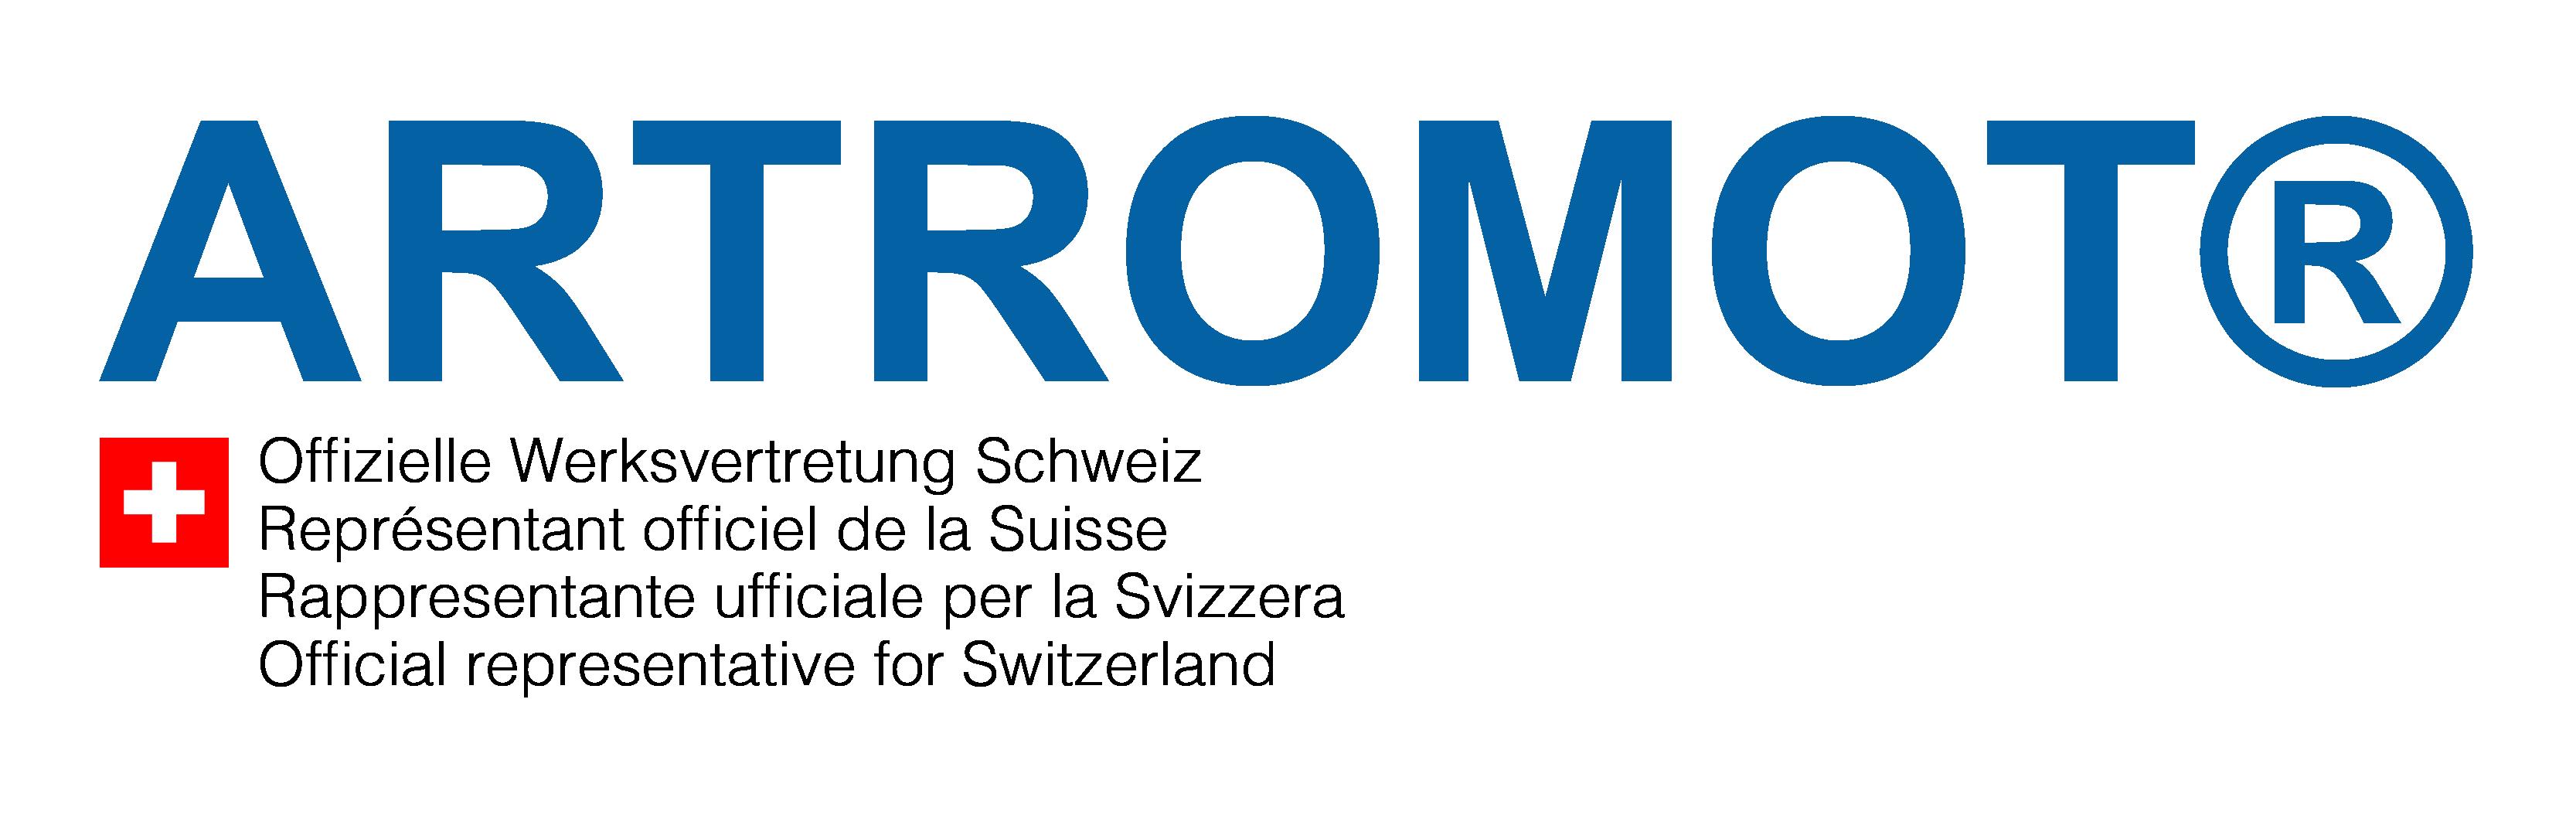 Offizielle ARTROMOT Werksvertretung Schweiz